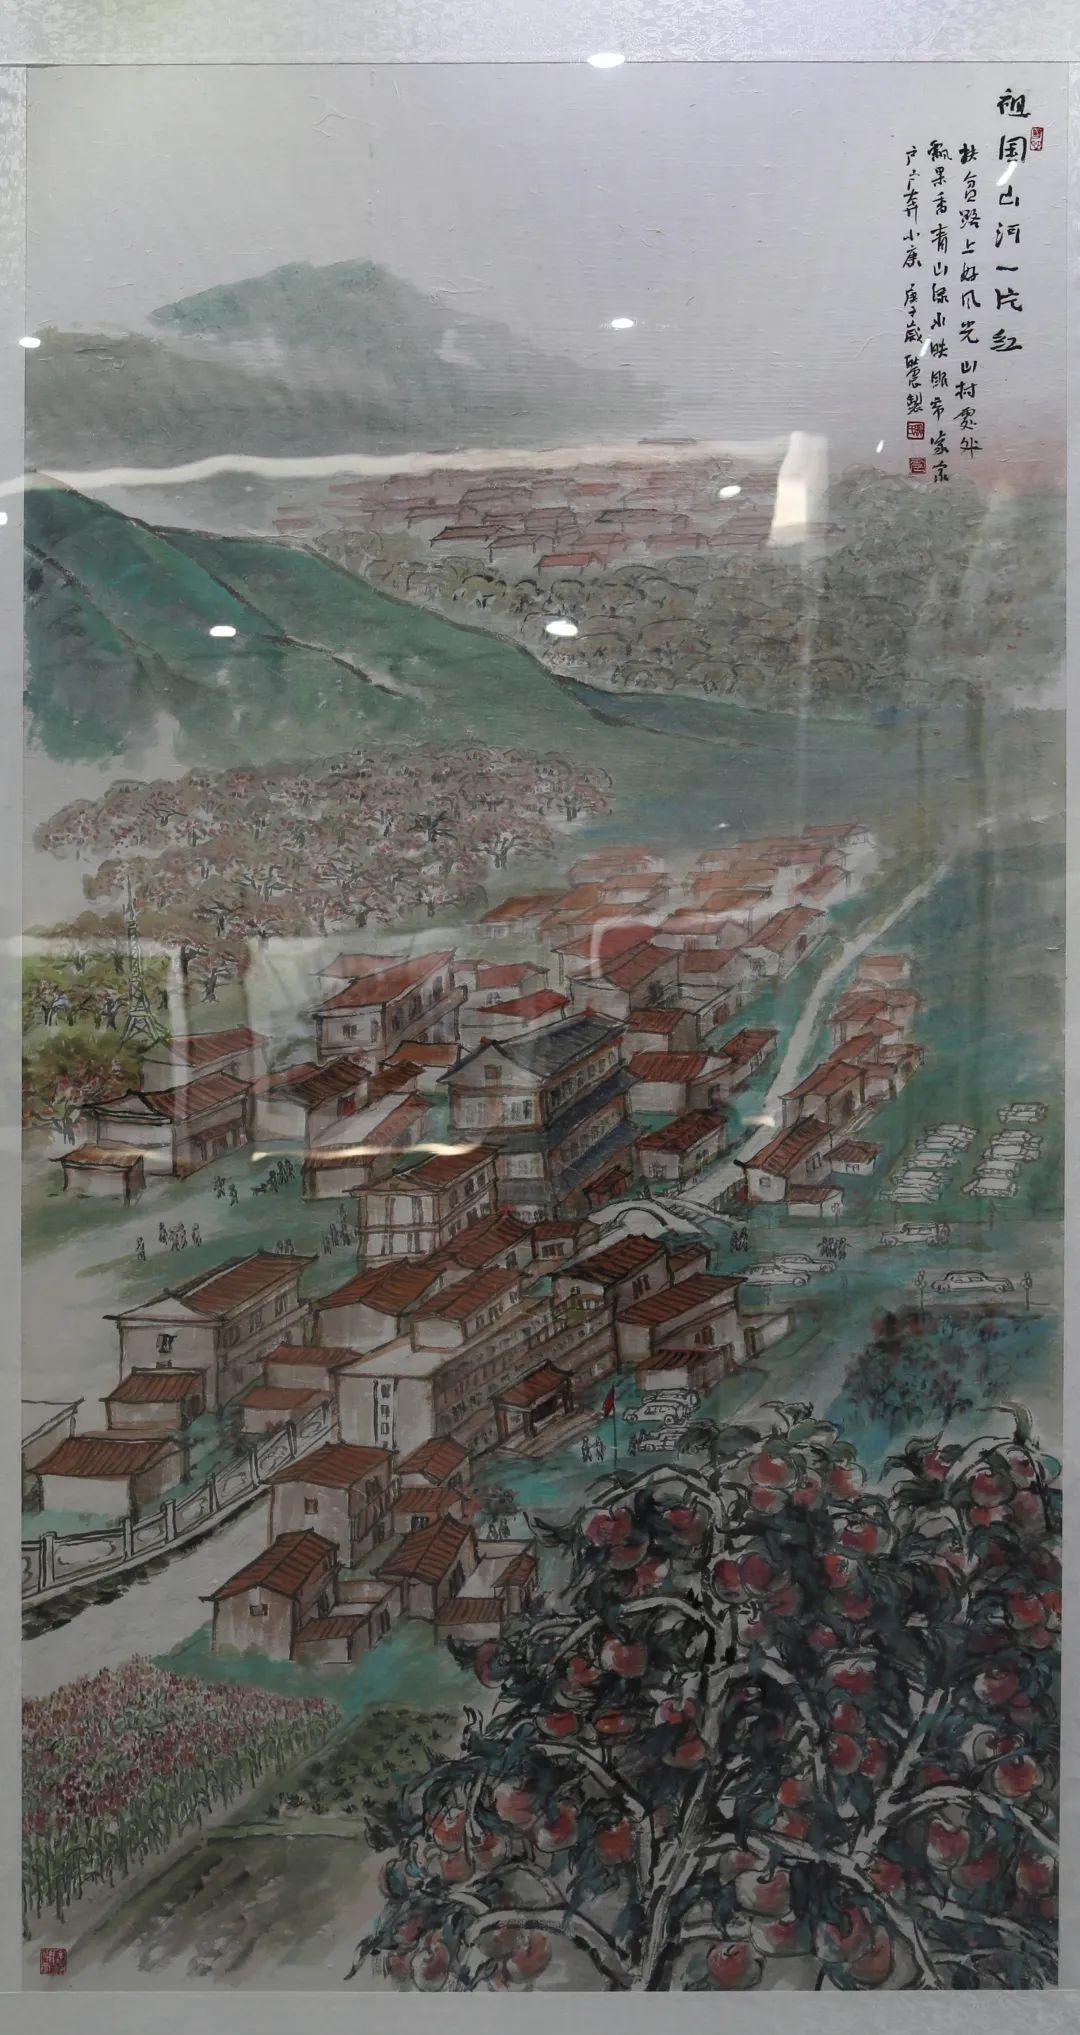 传承红色文化 携手共迎小康 苏皖两省六市书画展在蚌埠开幕(图15)